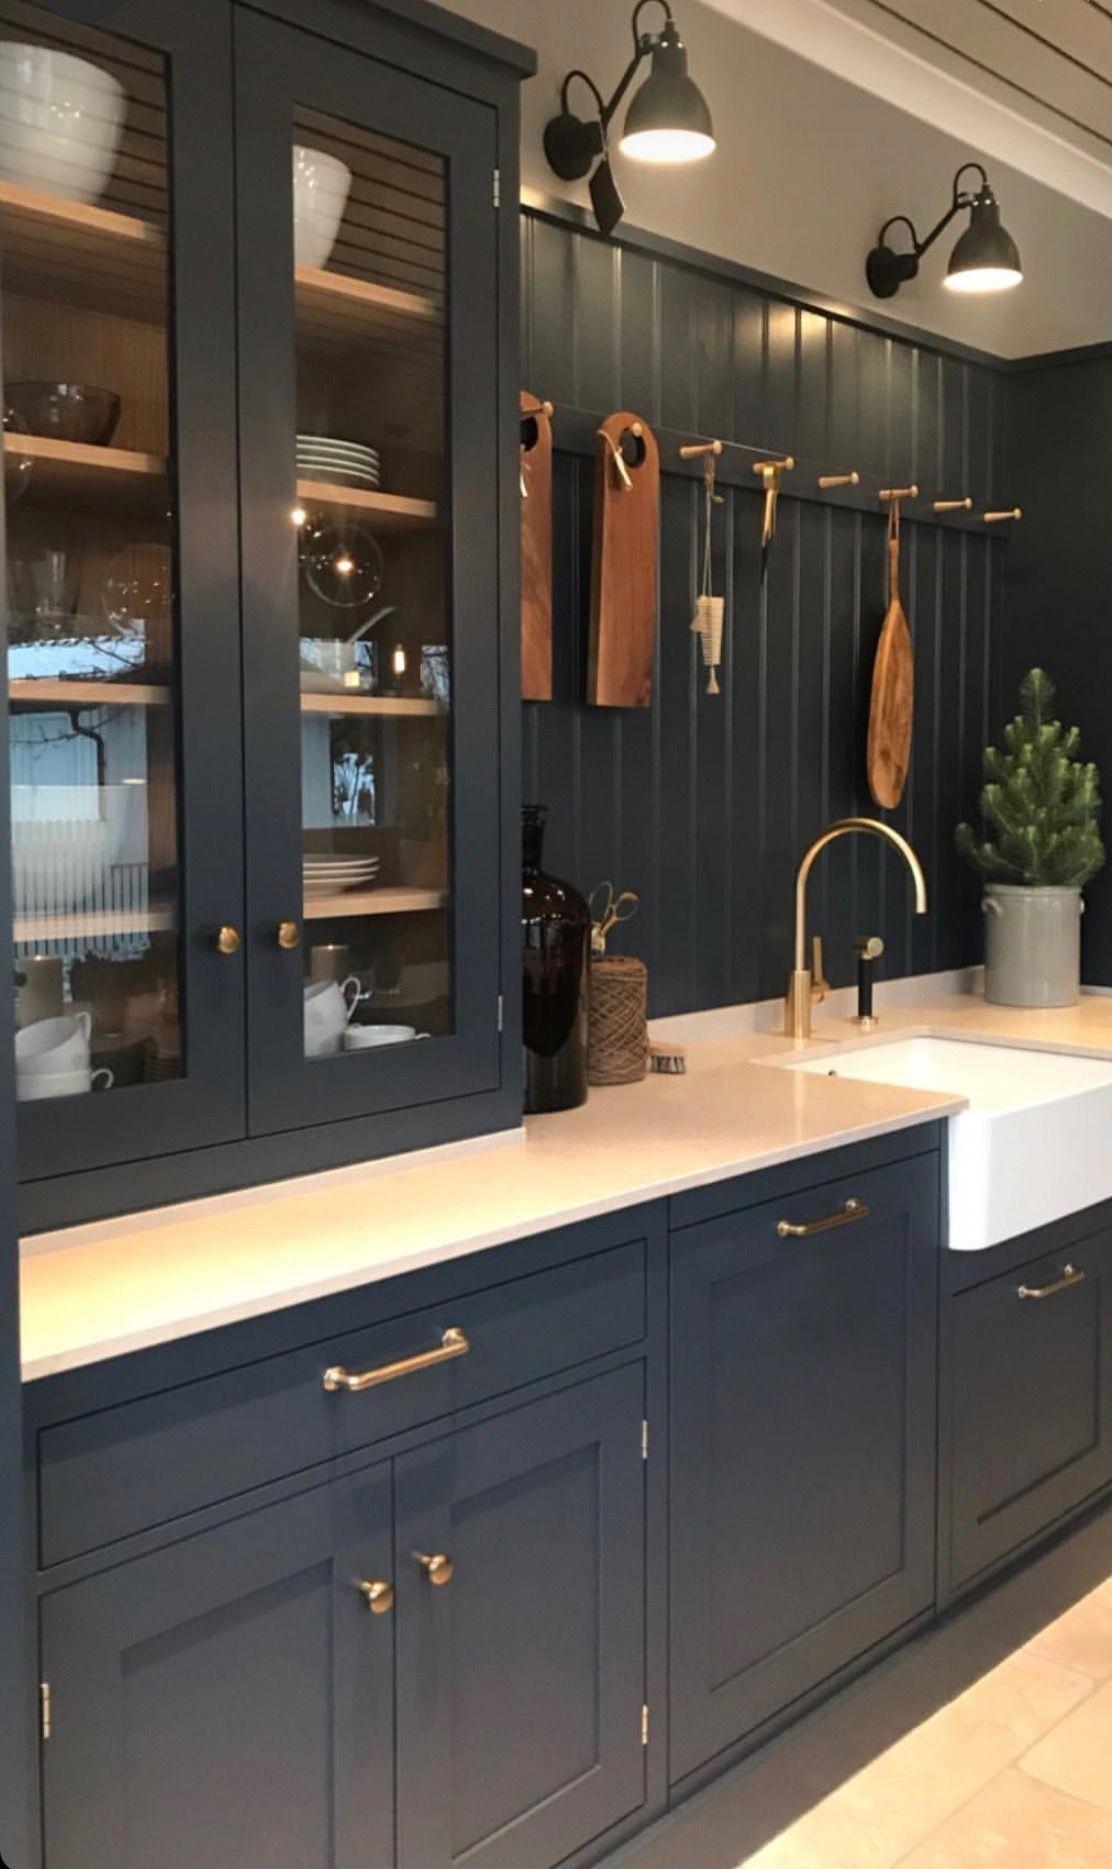 primitive paint colors for a kitchen primitivekitchen kitchen design home decor kitchen on kitchen paint colors id=75429